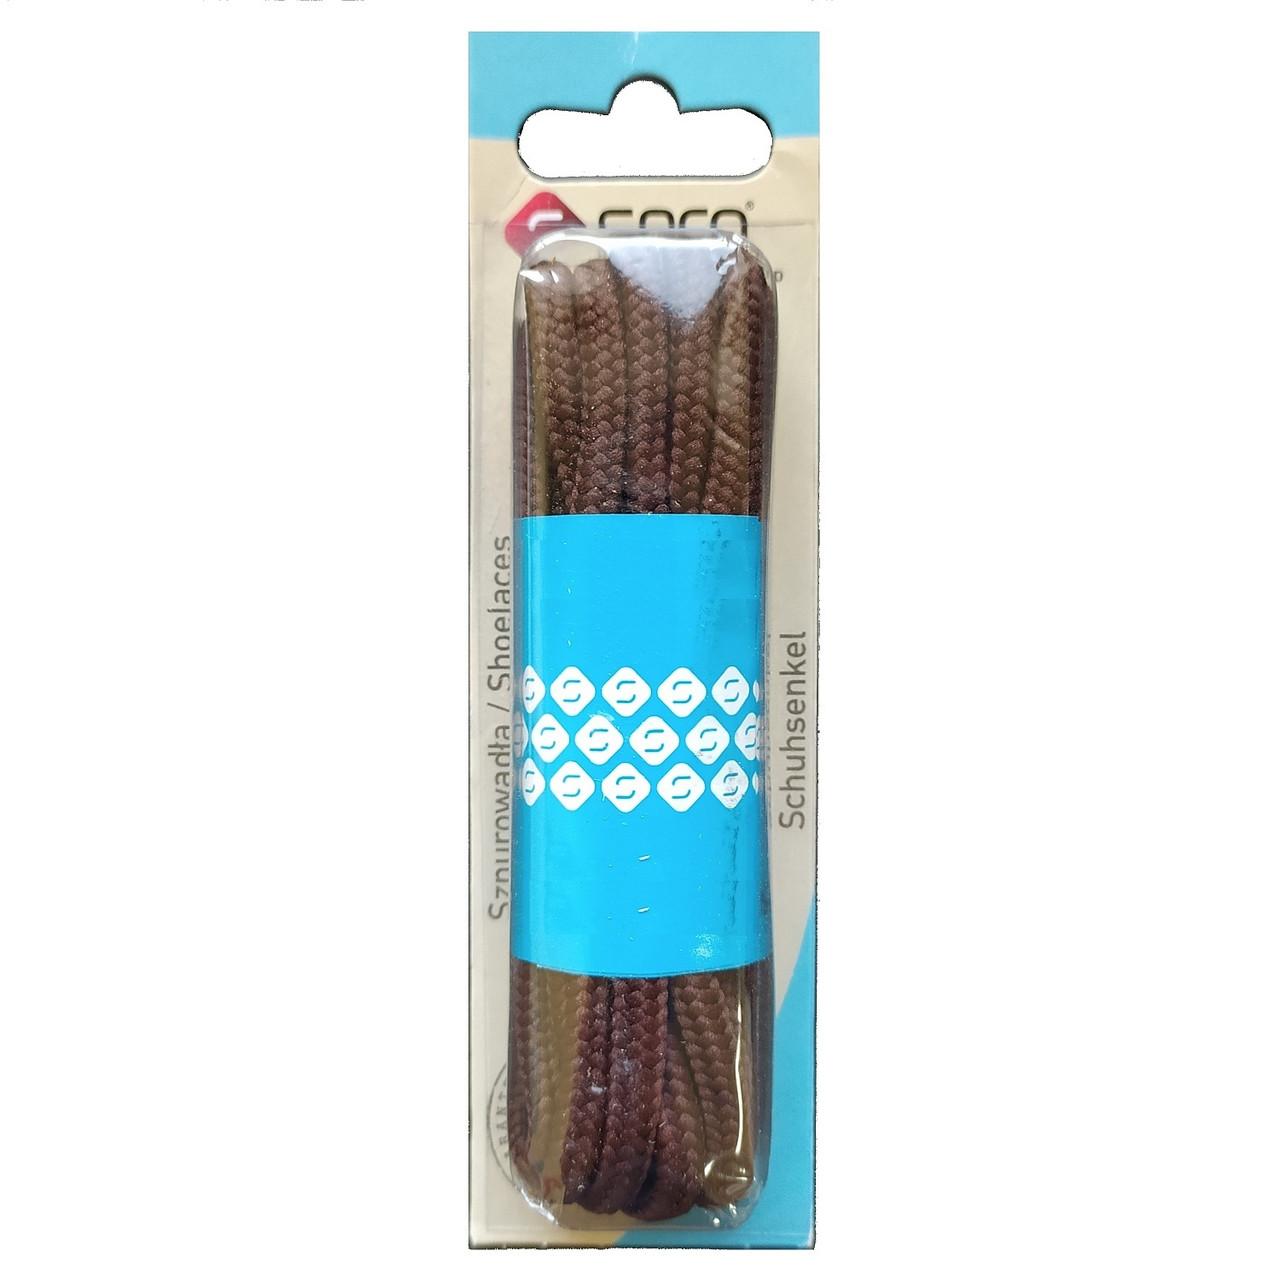 Seco шнурки / круглые / коричневые 90 см